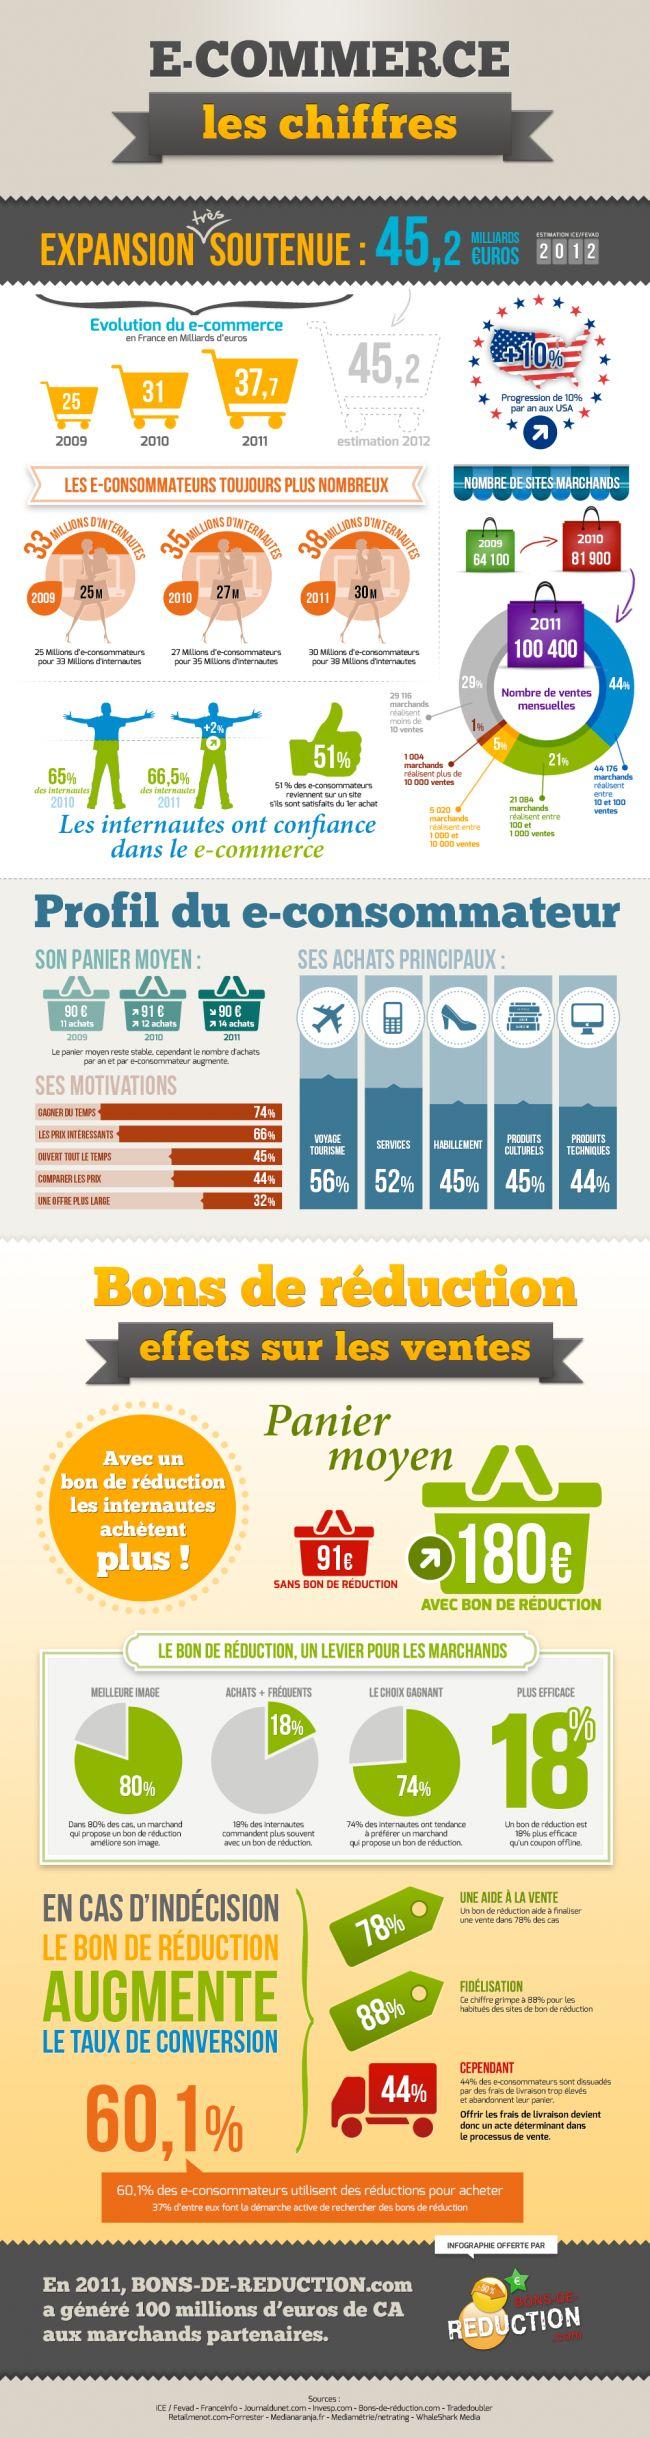 Les chiffres du ecommerce http://www.capitaine-commerce.com/wp-content/uploads/2012/06/Infographie-BDR1-e1338898508684.png